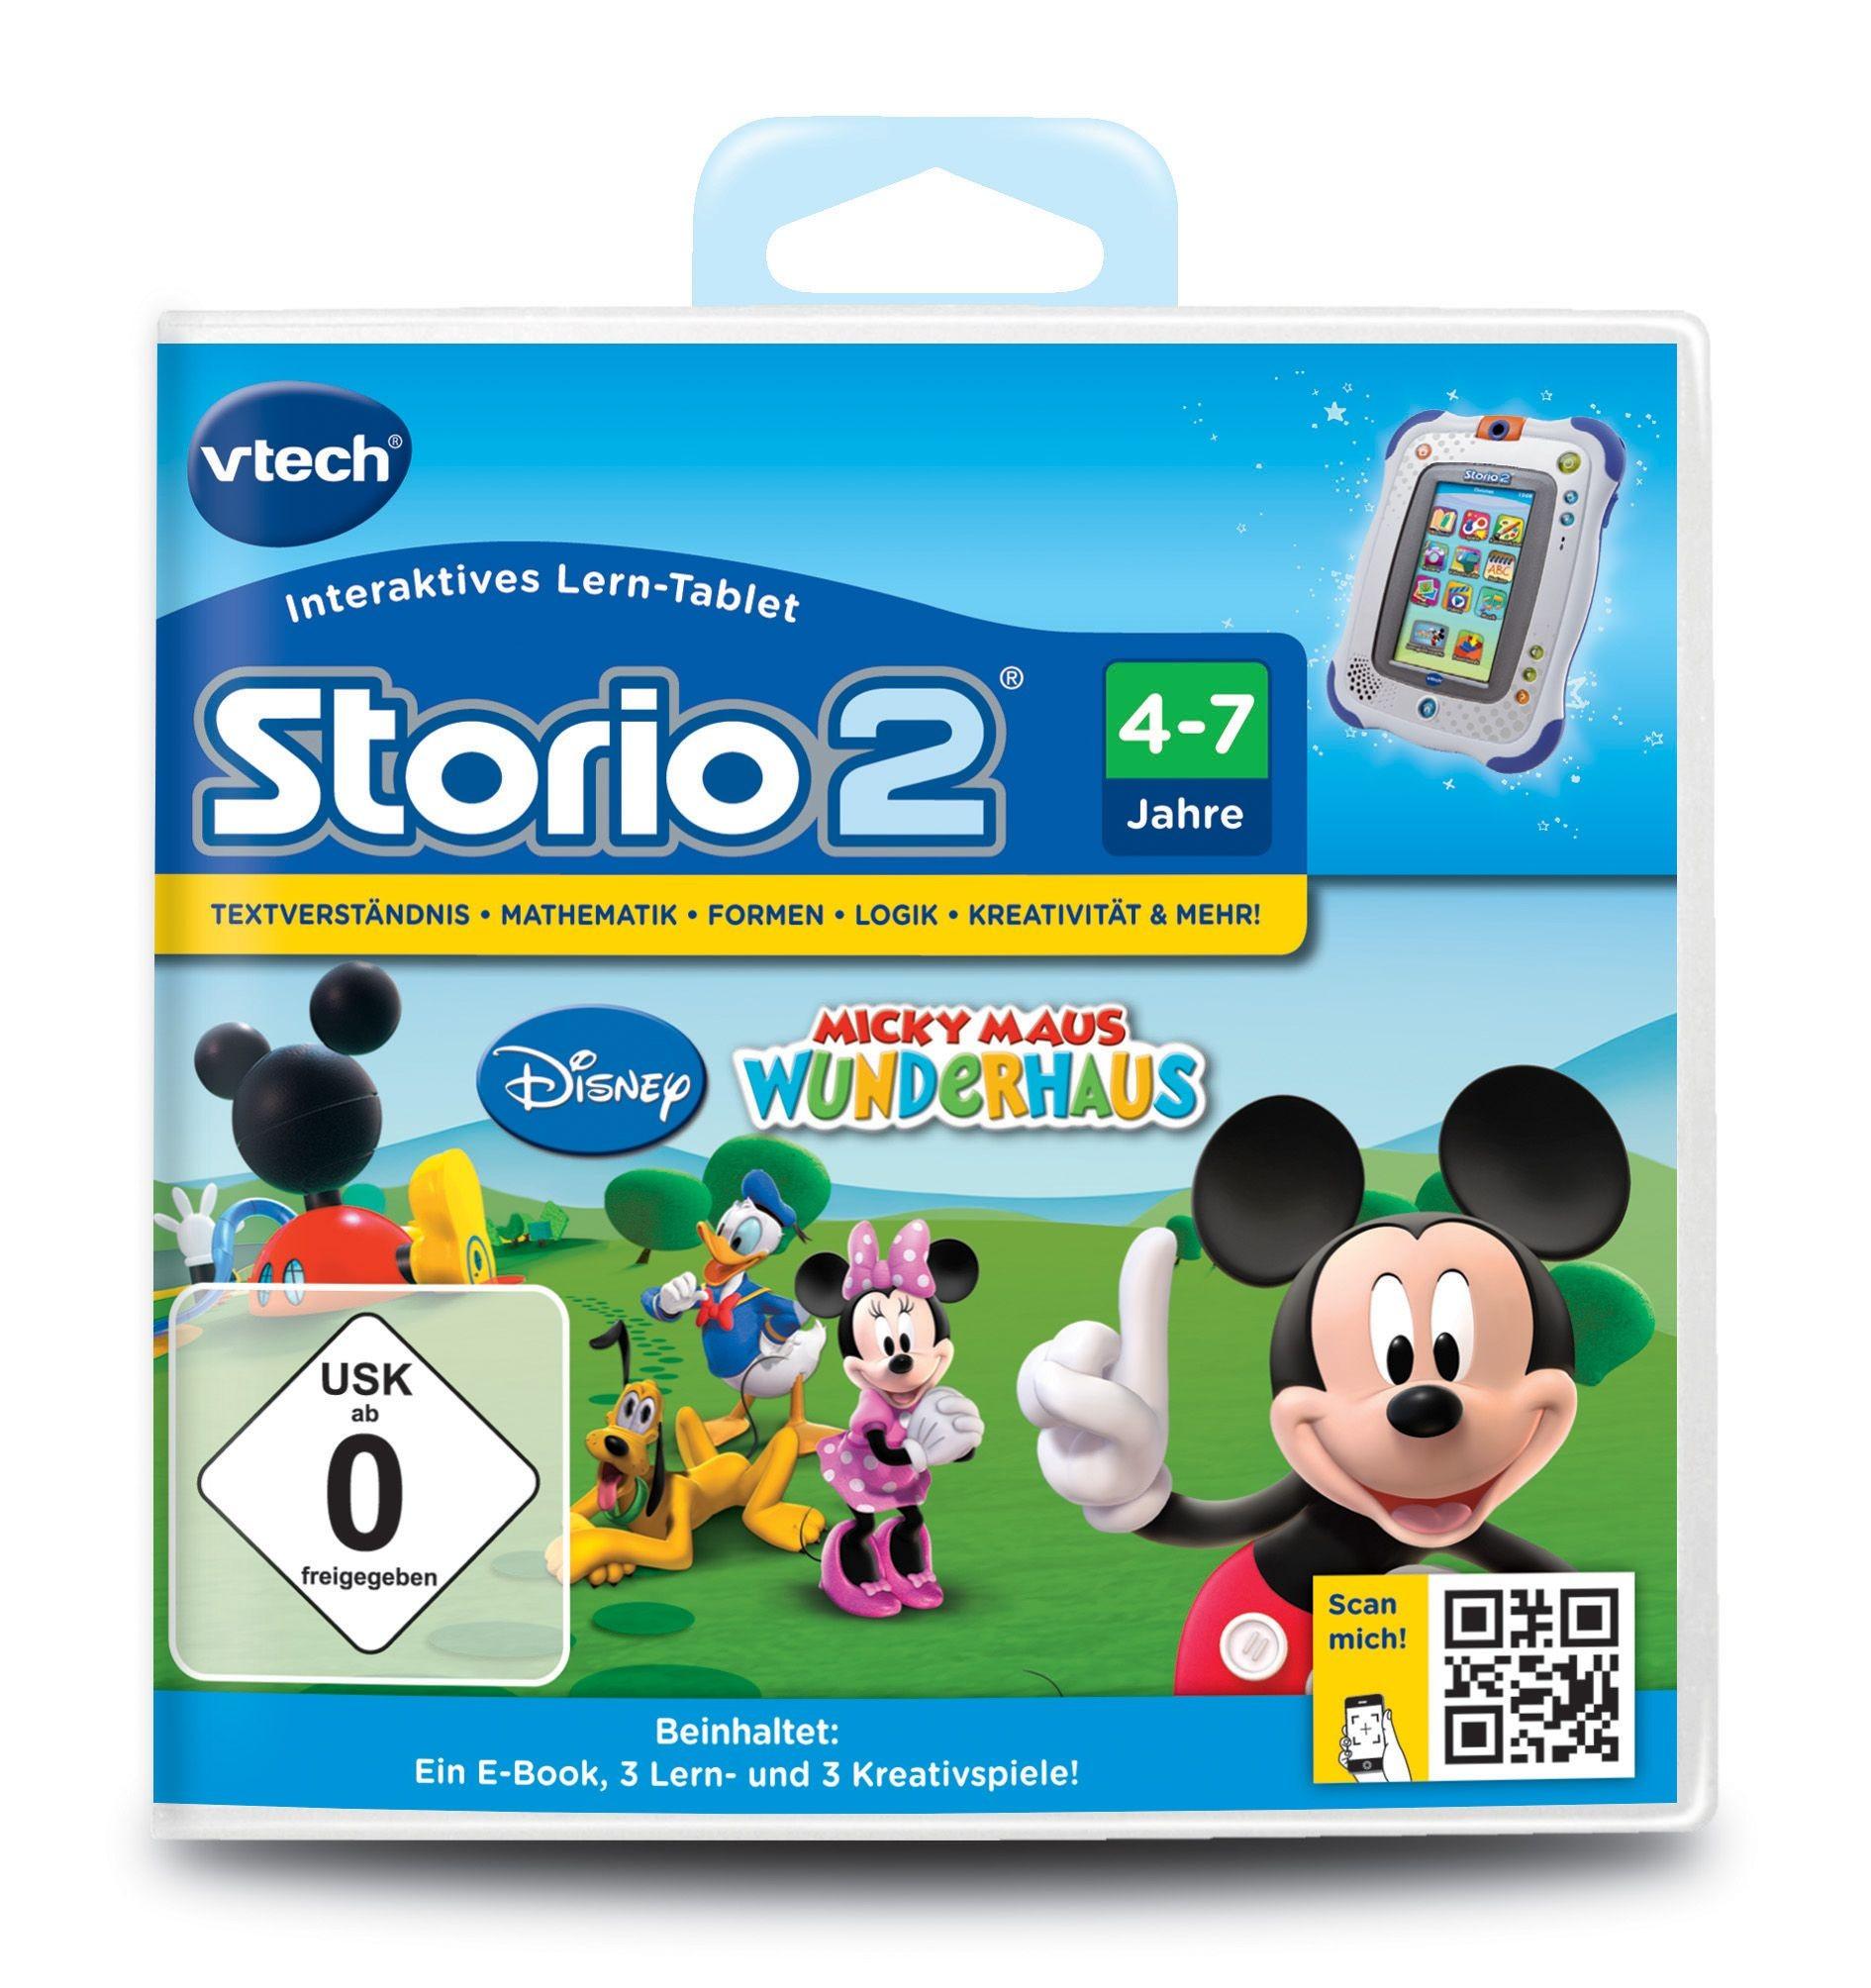 VTech Storio 2 Lernspiel Spielkassette Micky Maus Wunderhaus